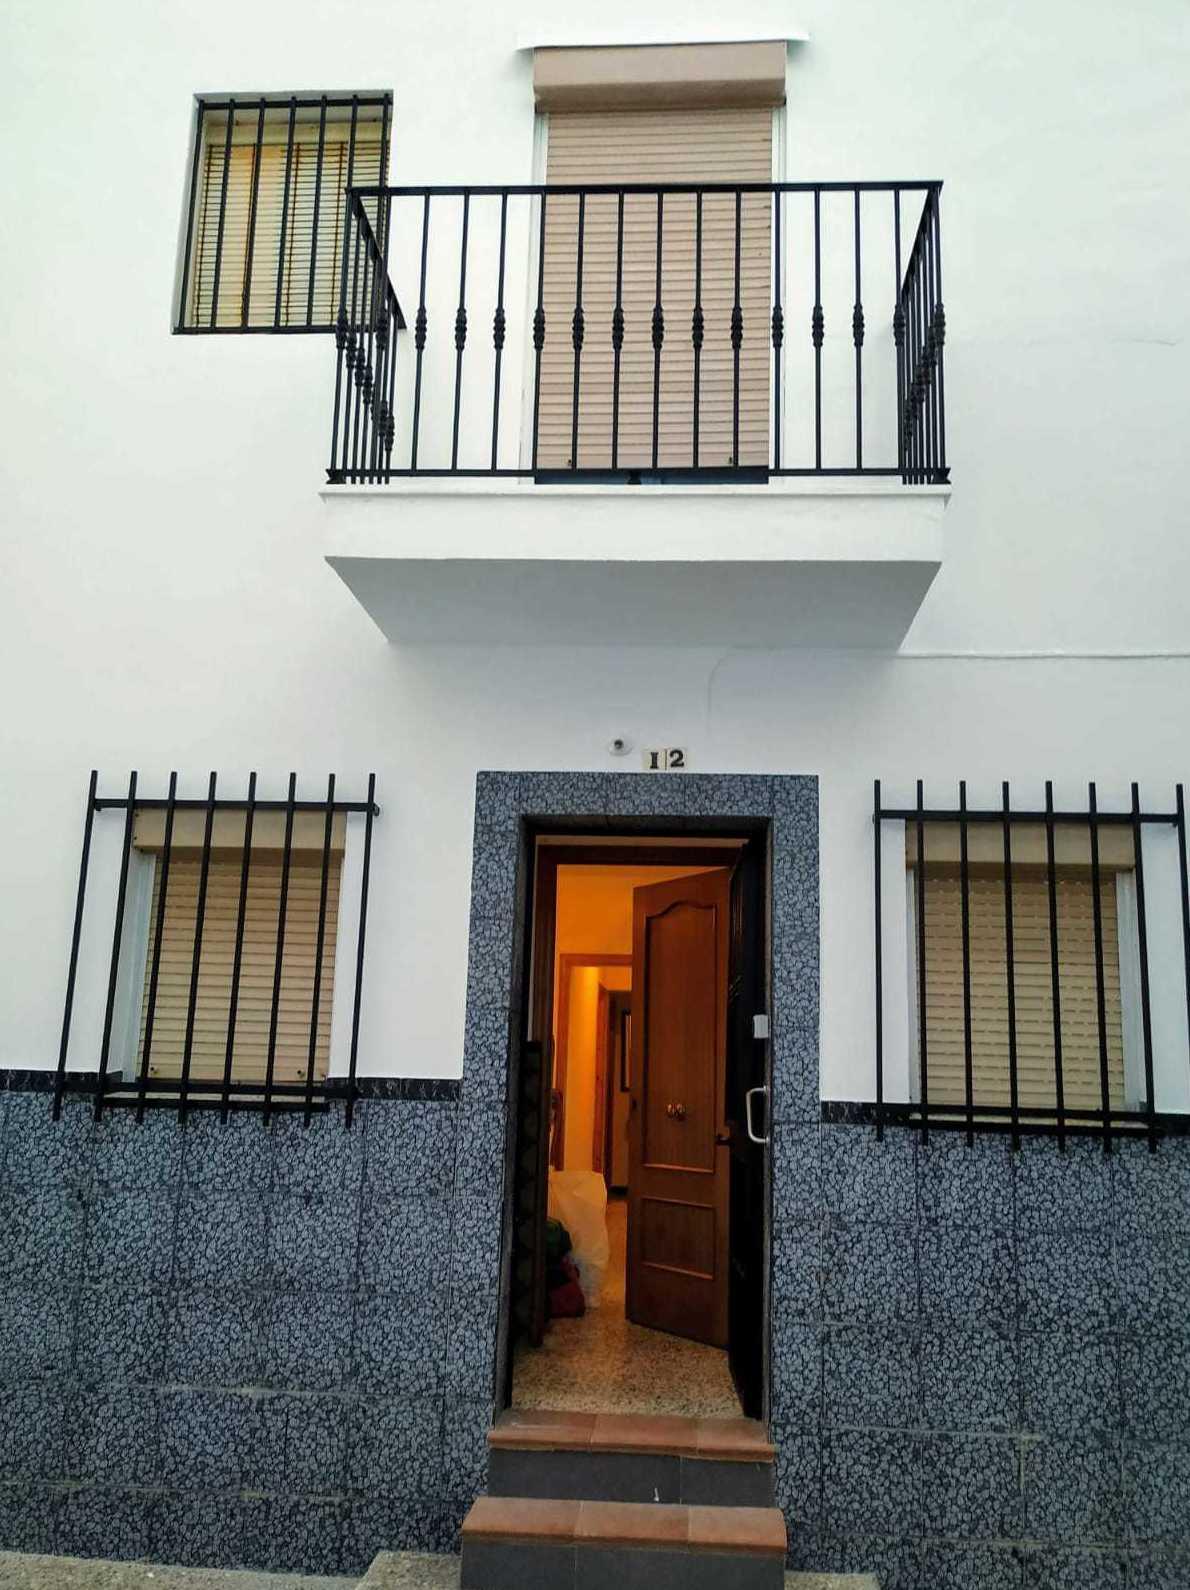 Oportunidad 2 viviendas en una!!: Inmuebles en venta de ALGAMAR IMMOBLES S.L.